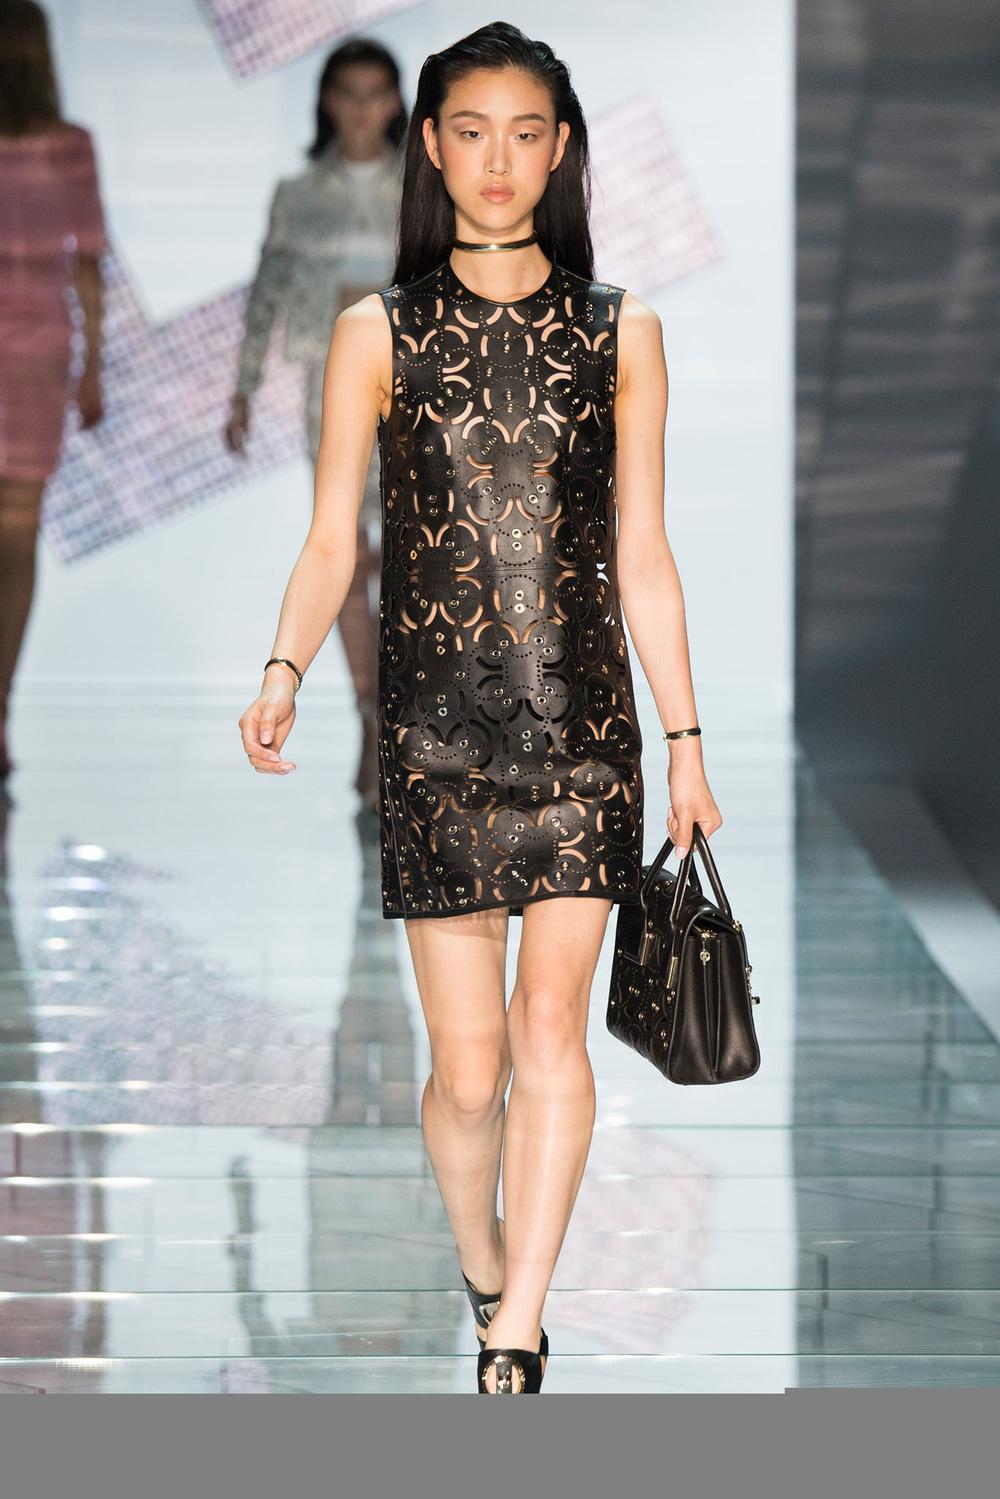 Versace via Style.com